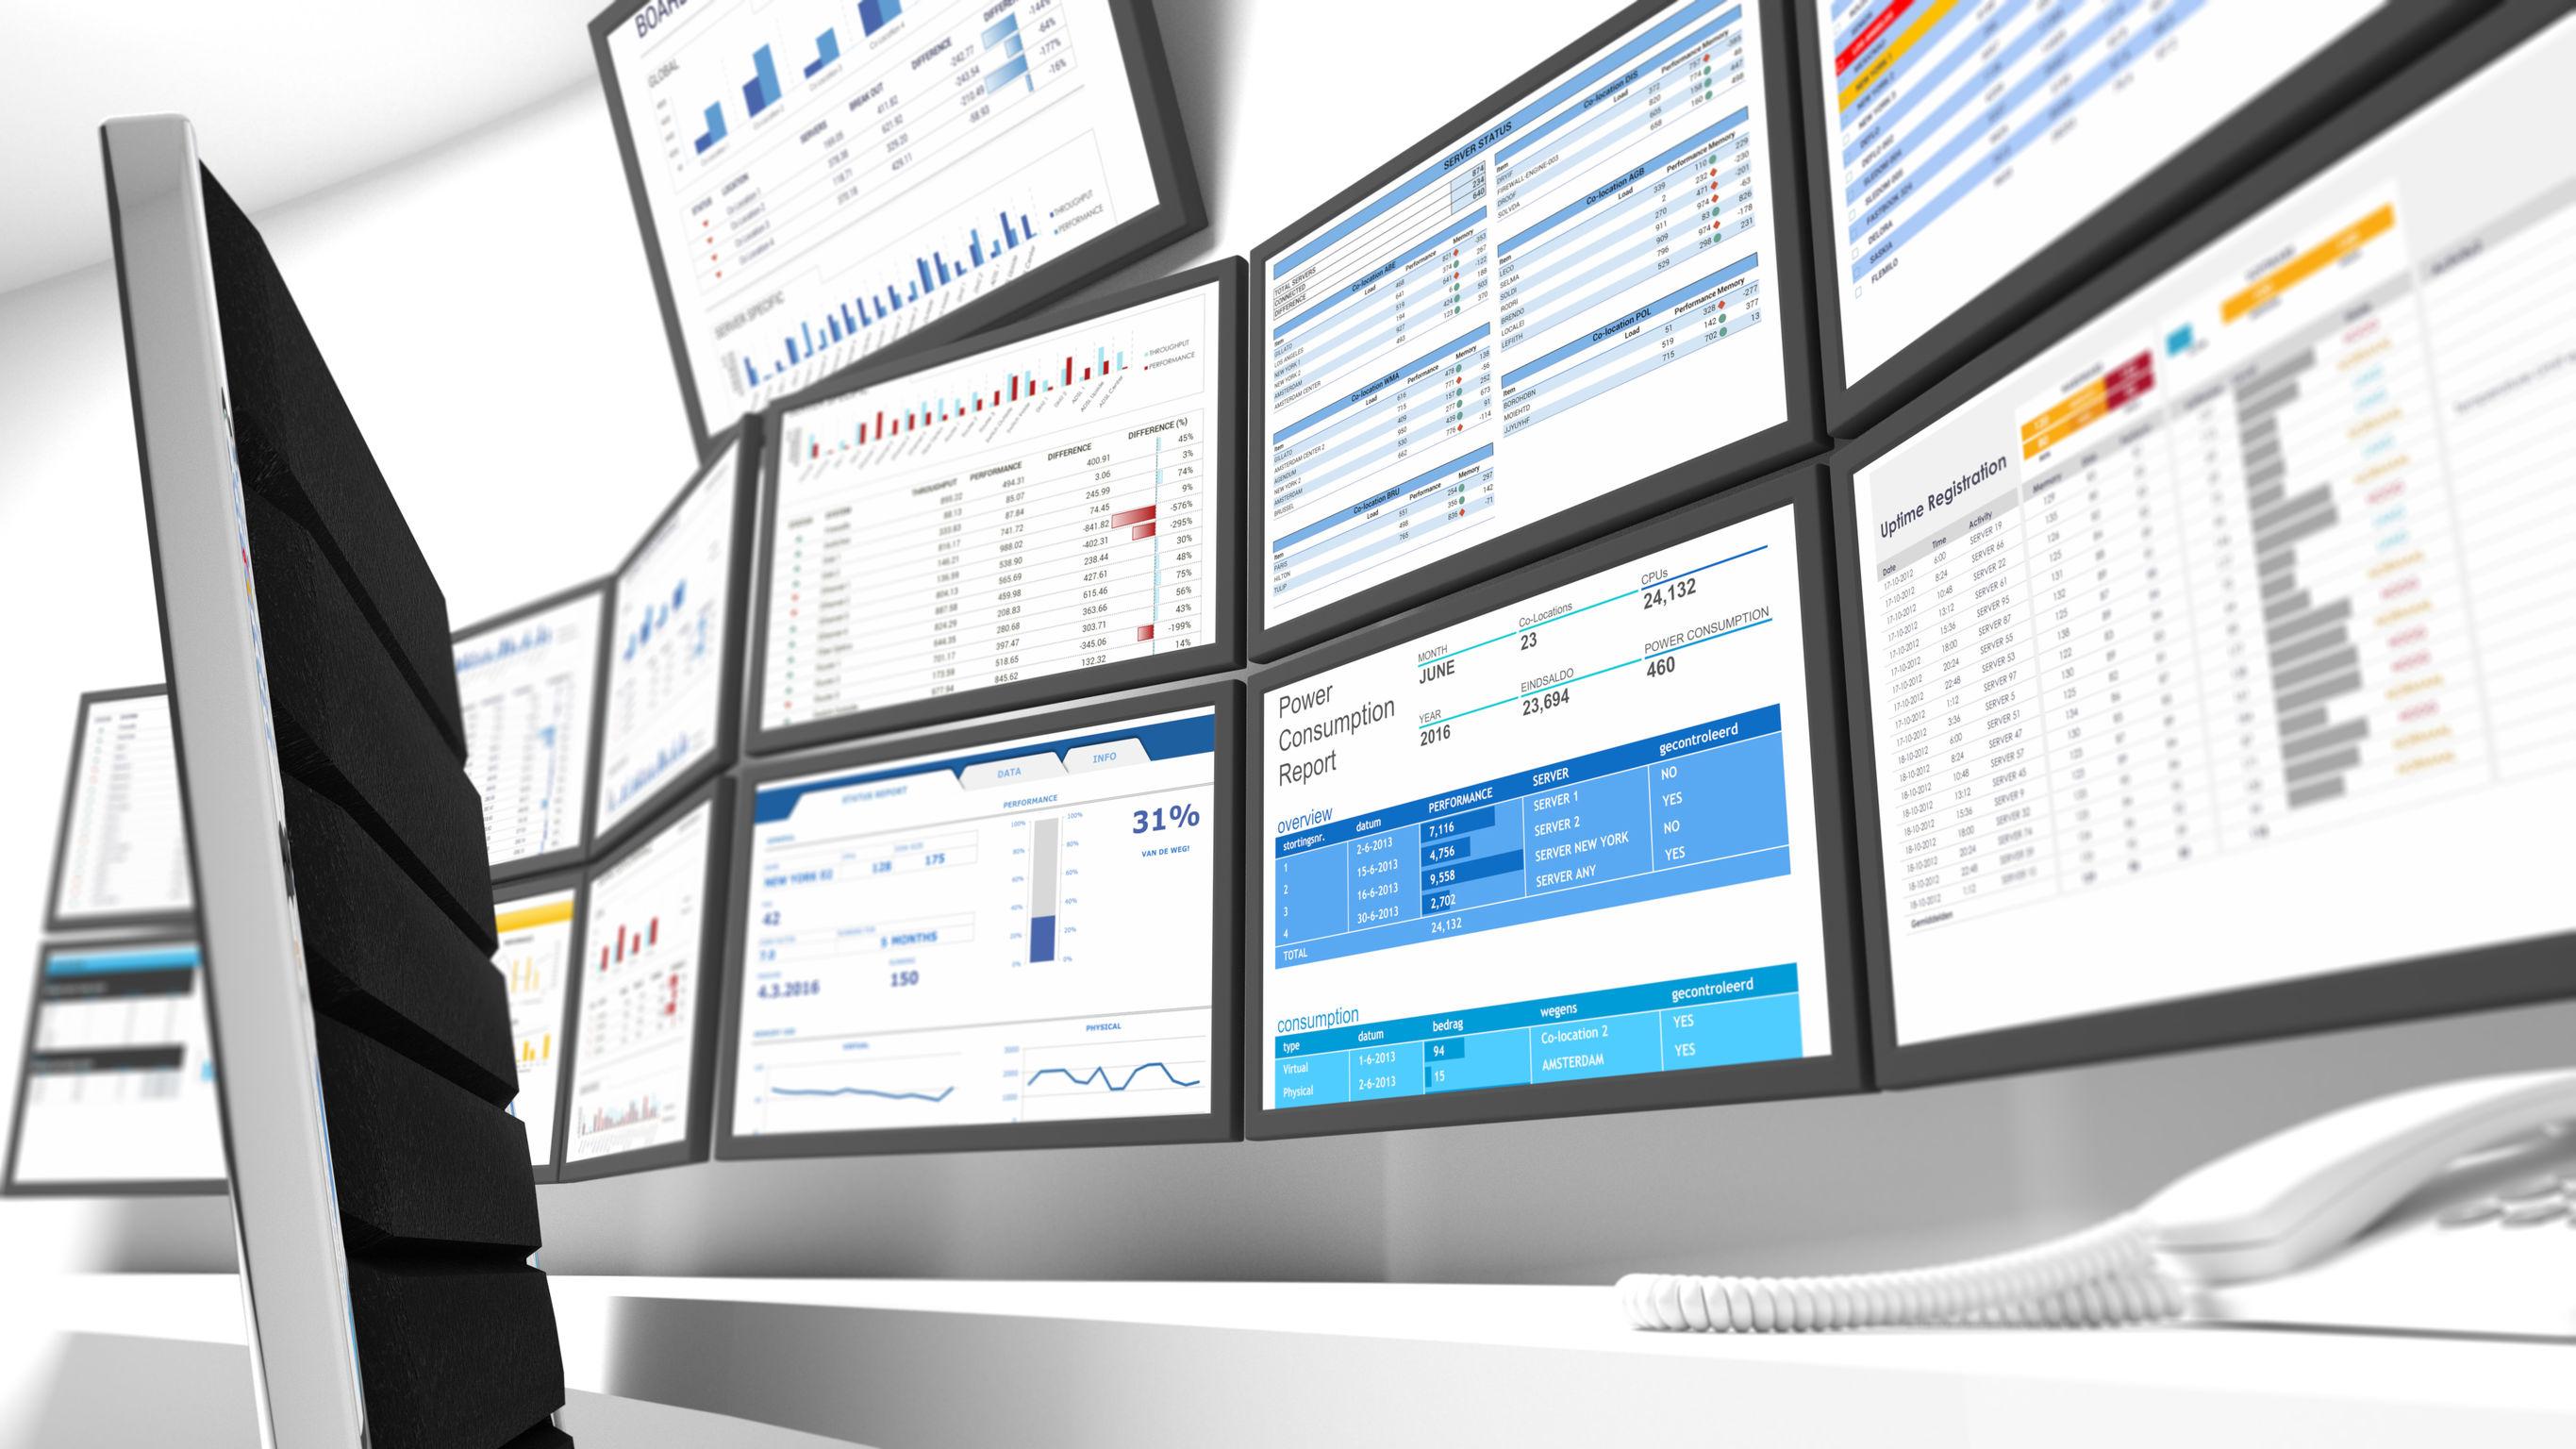 Mehrere Bildschirme mit Daten